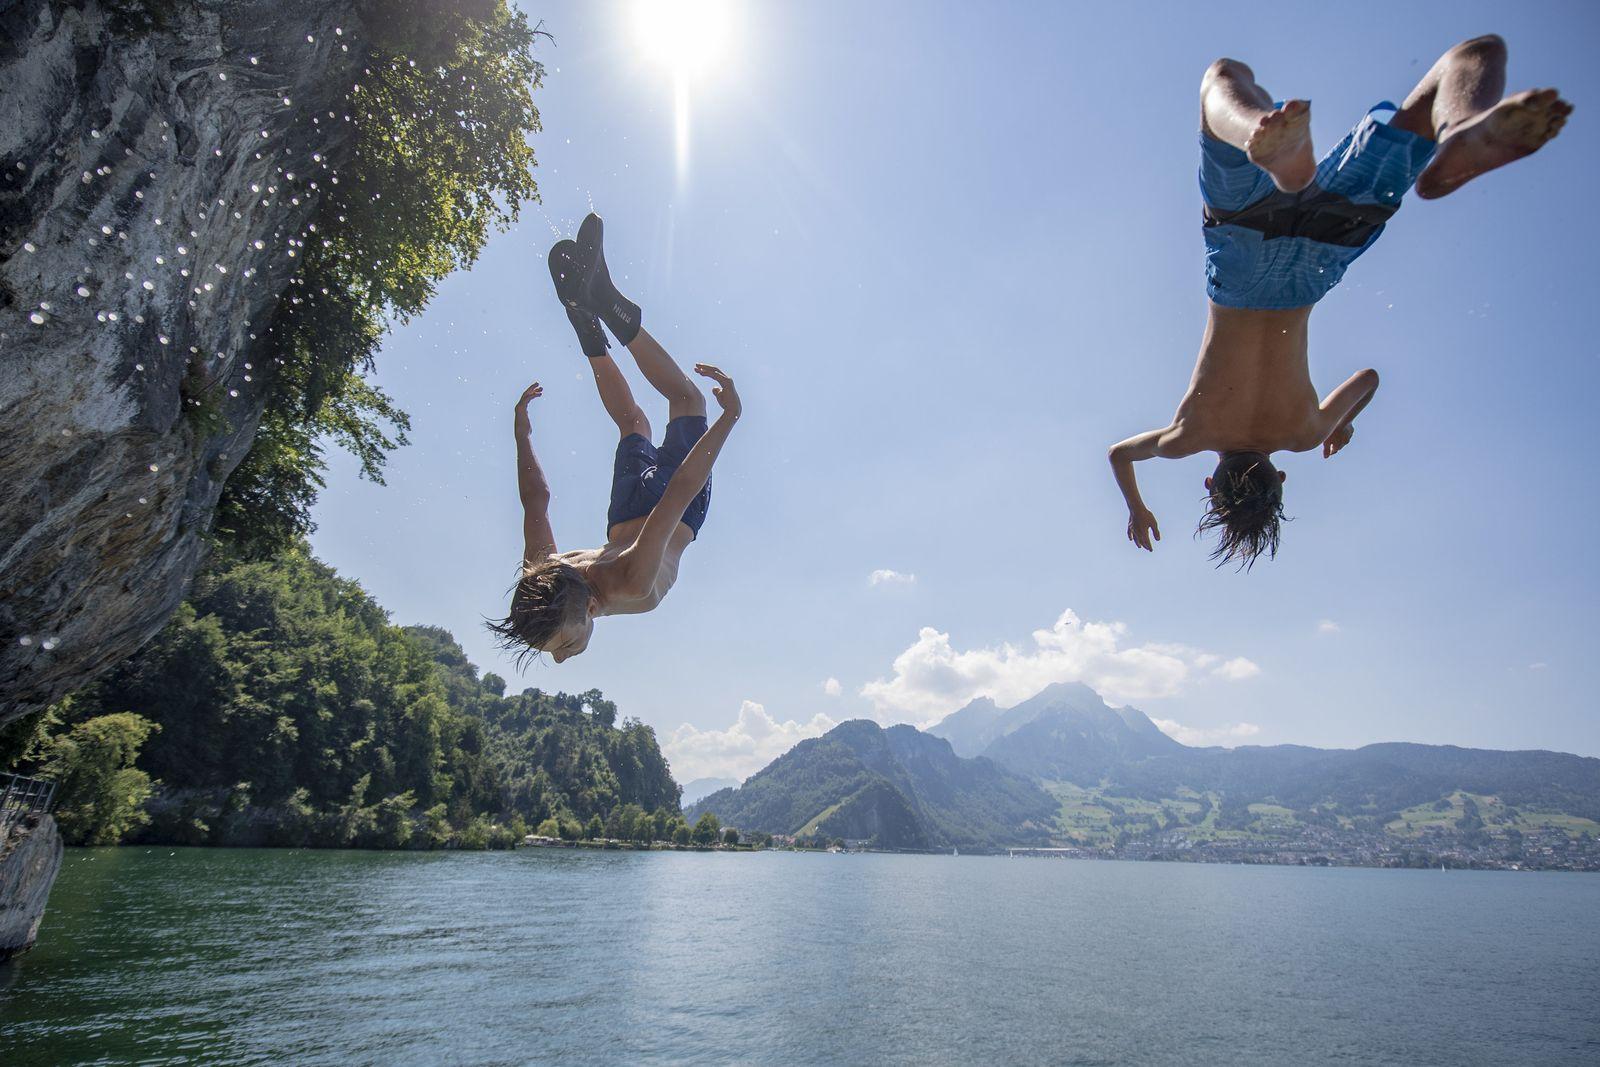 Sommerliches Wetter in der Schweiz